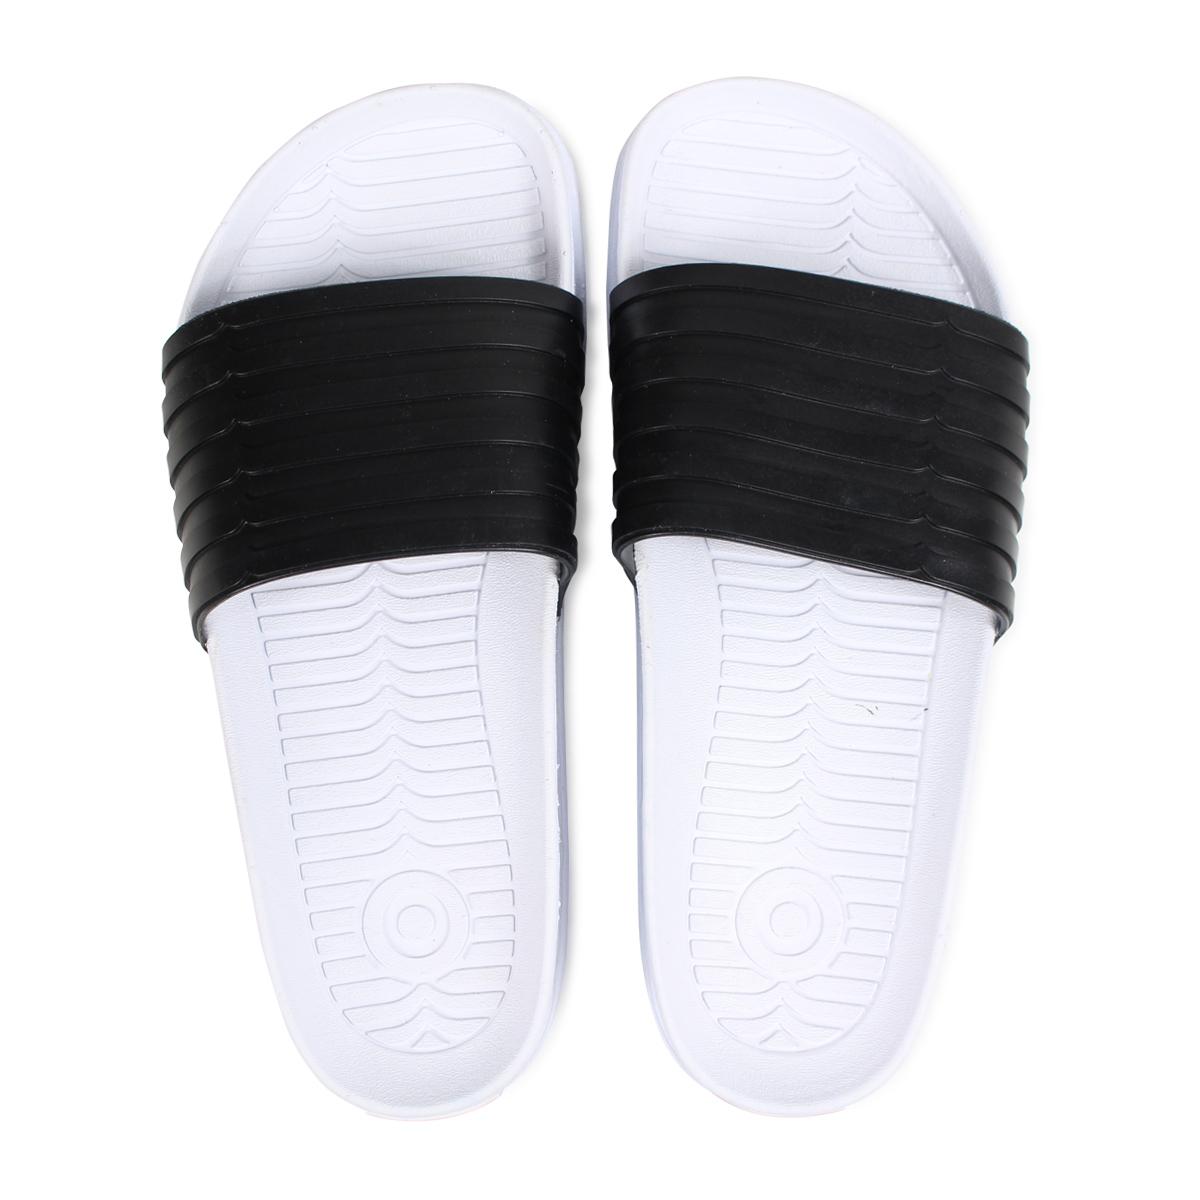 cc3766e1c13c5 ALLSPORTS  HUNTER WOMANS SLIDE SANDALS hunter sandals Lady s shower sandals  target TARGET white 53020  5 15 Shinnyu load   185